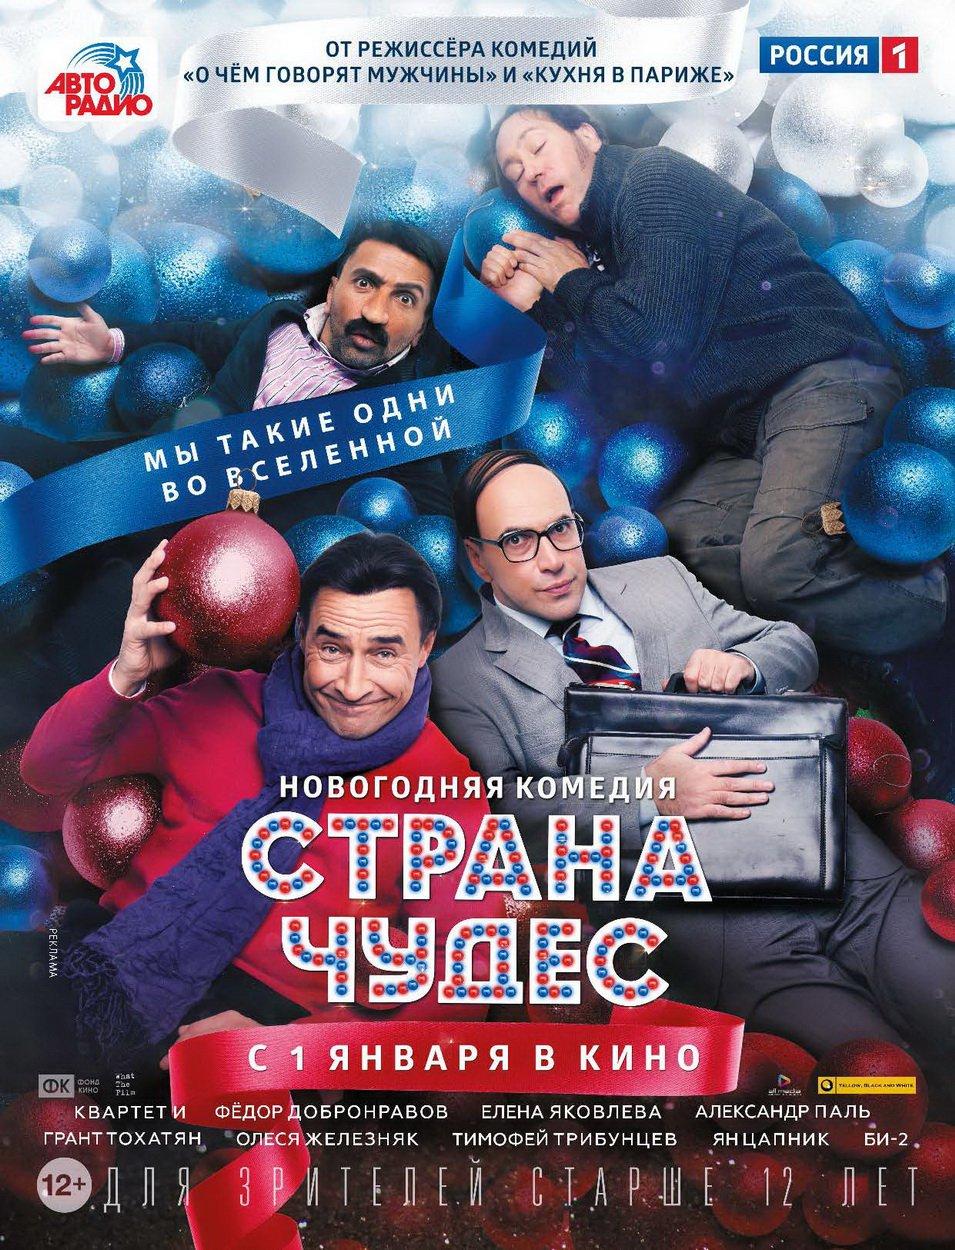 смотреть кино россии 2016